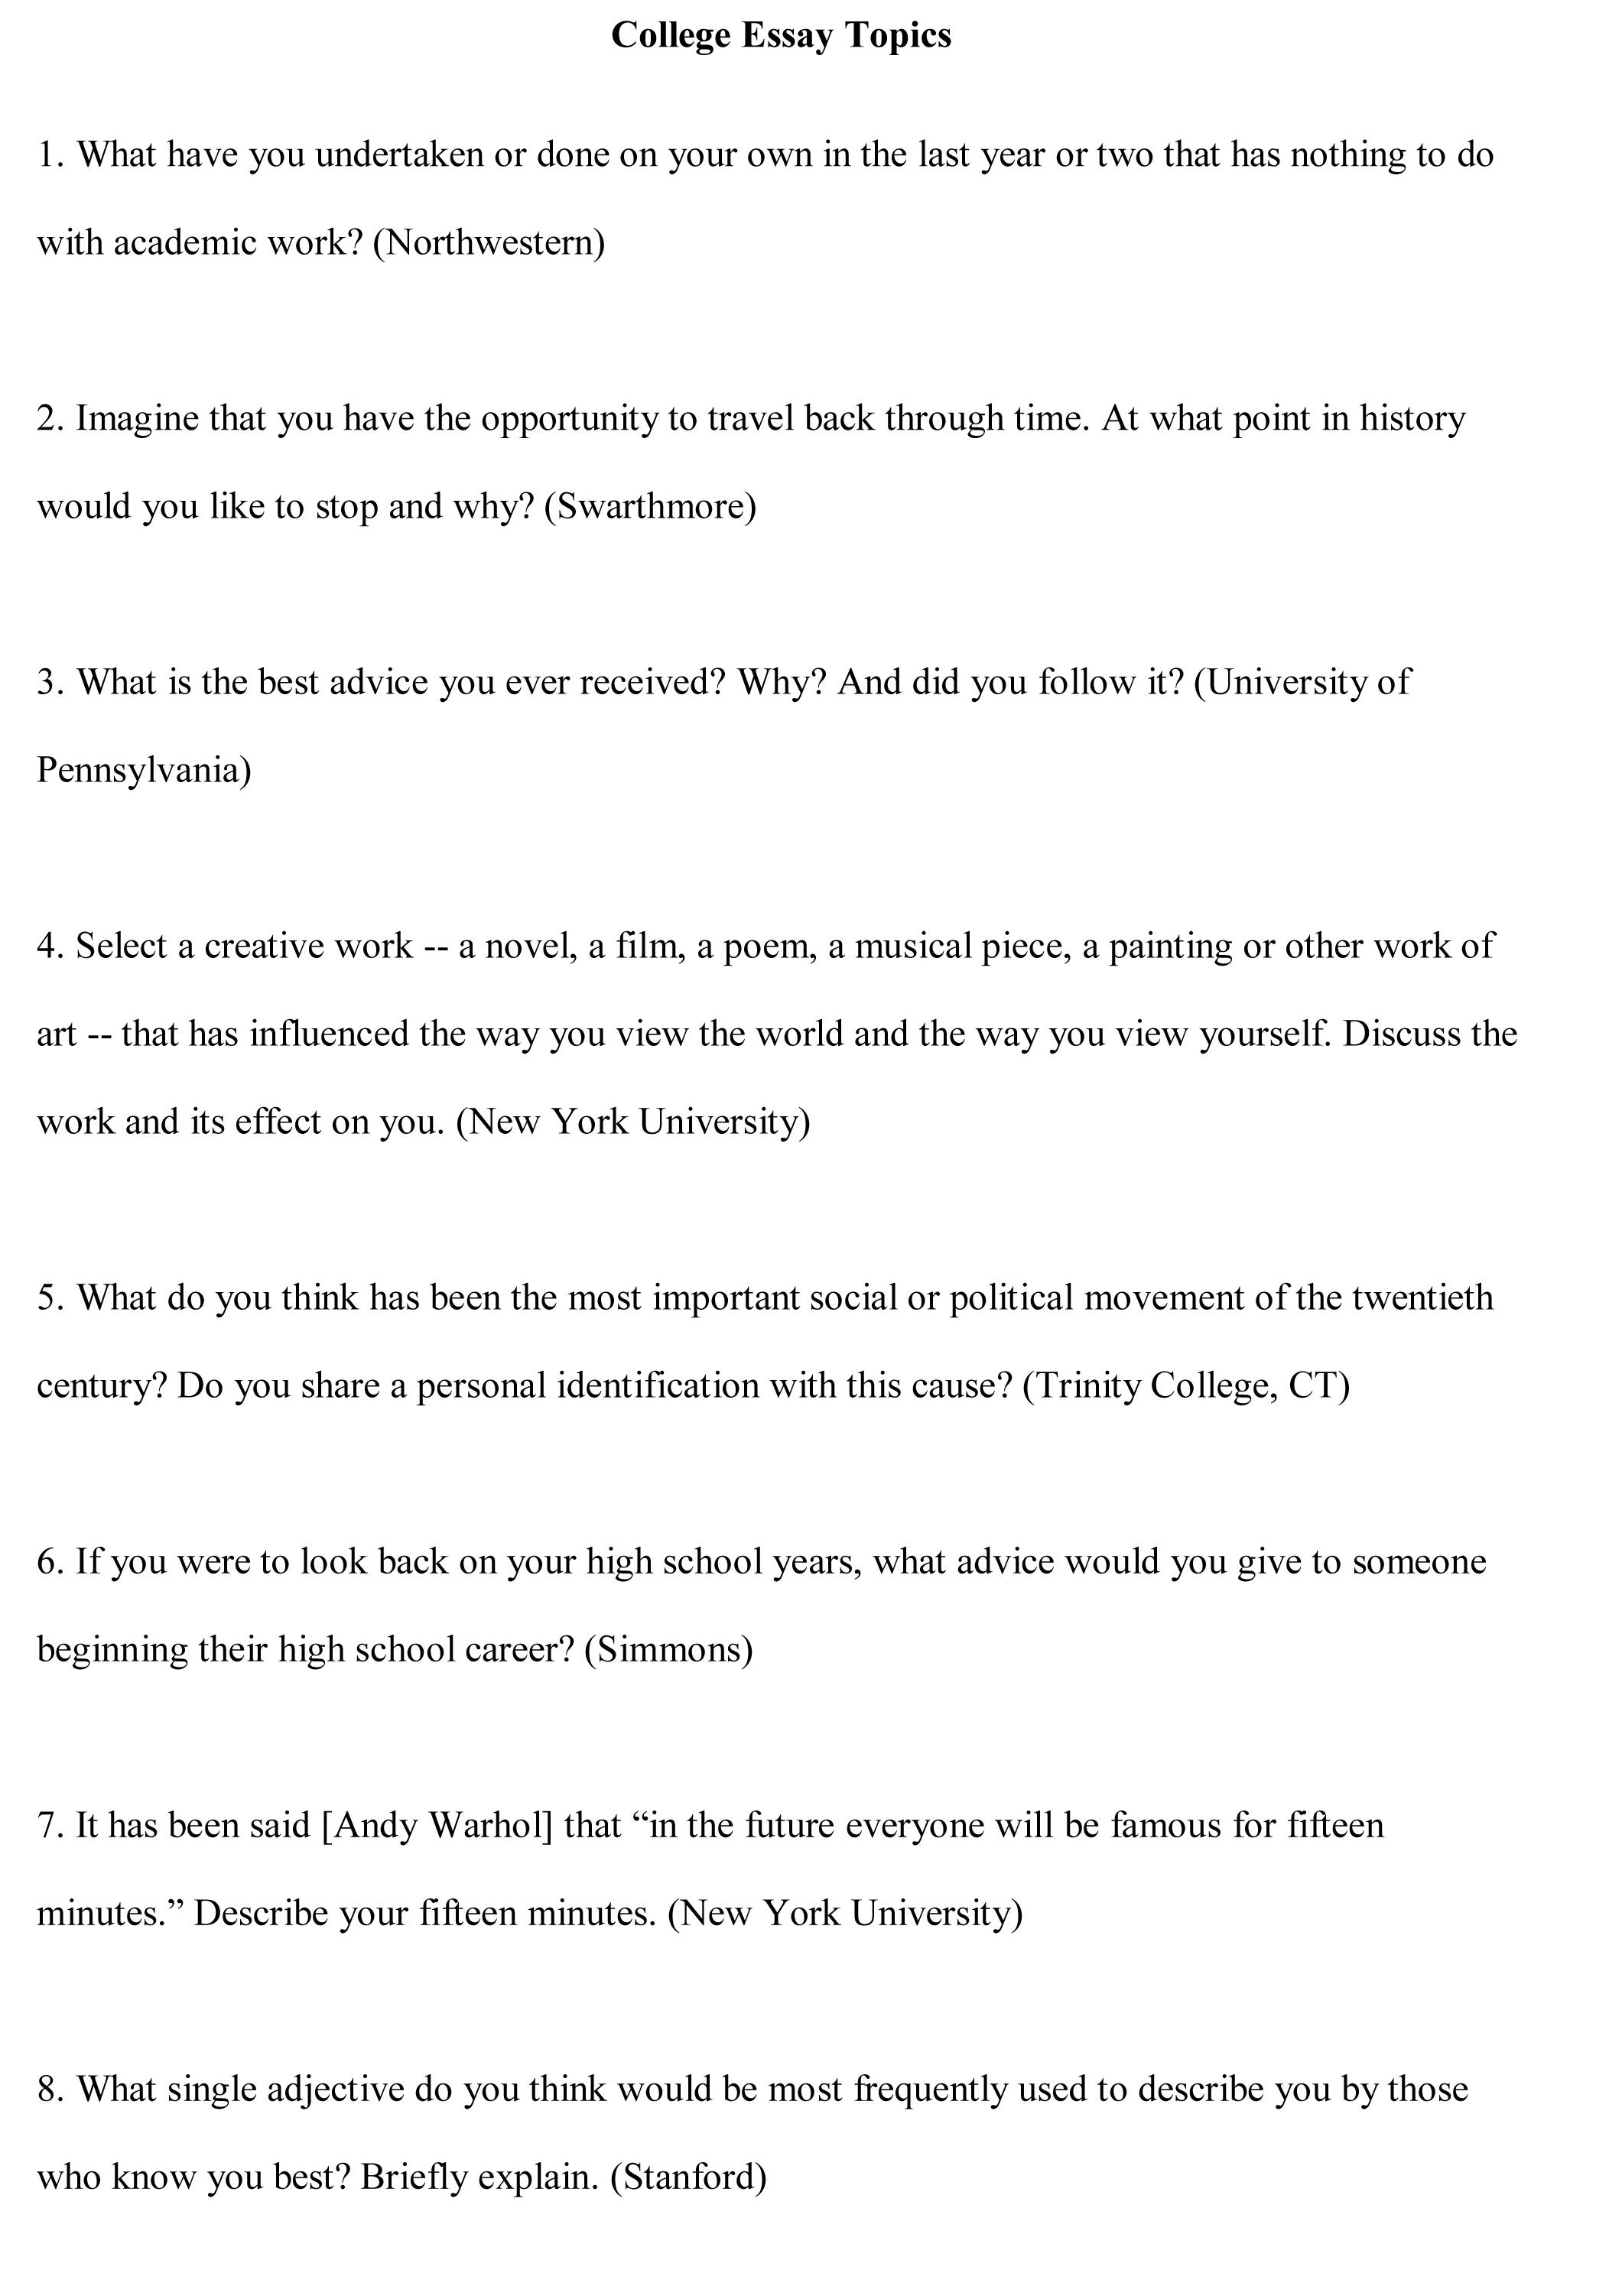 001 College Essay Topics Free Sample1 Example Marvelous Creative 2017 Unique 2018 Full